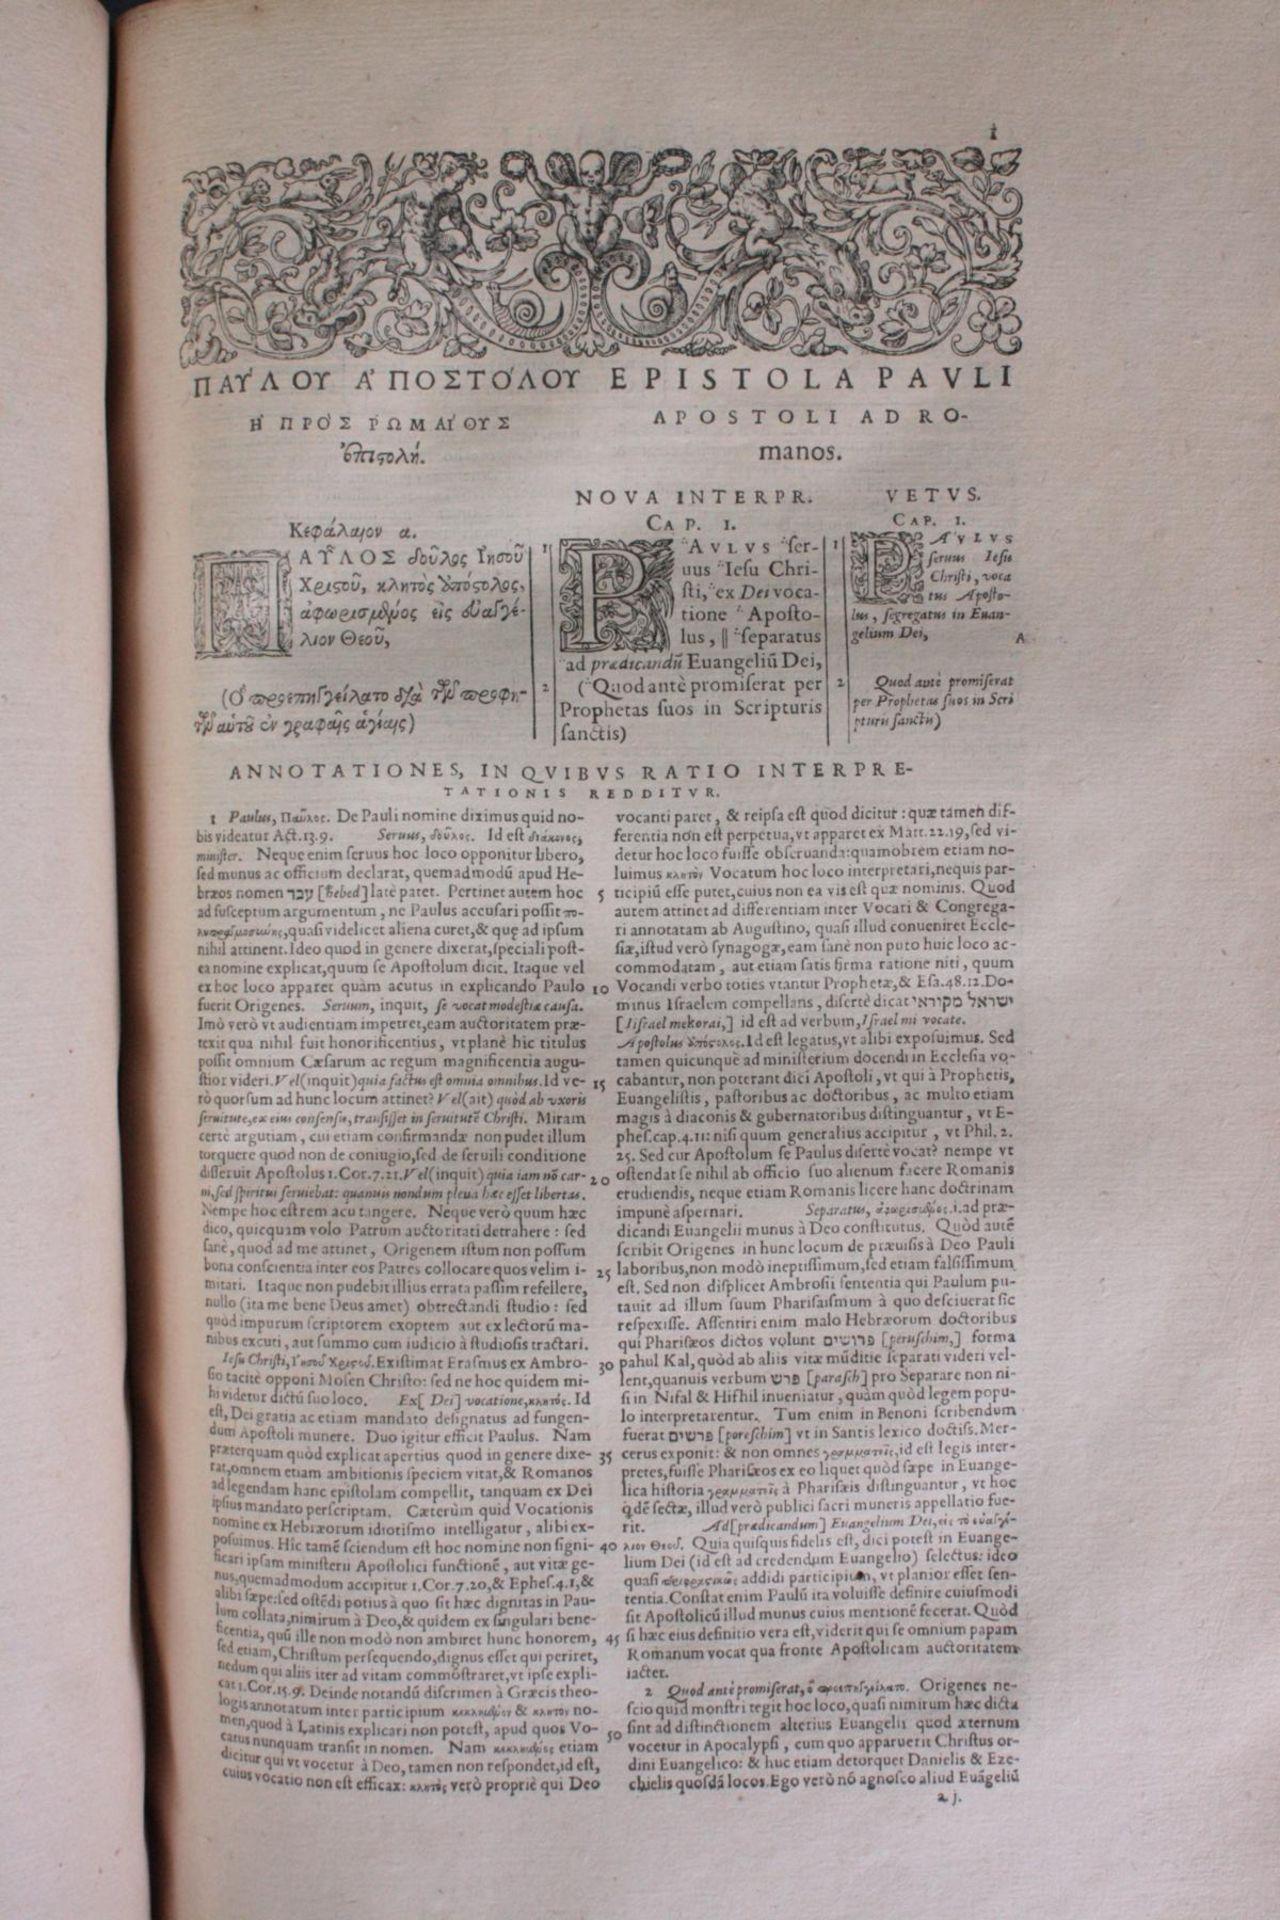 Griechische-Lateinische Bibel, Novum Testamentum 1582 - Bild 12 aus 23